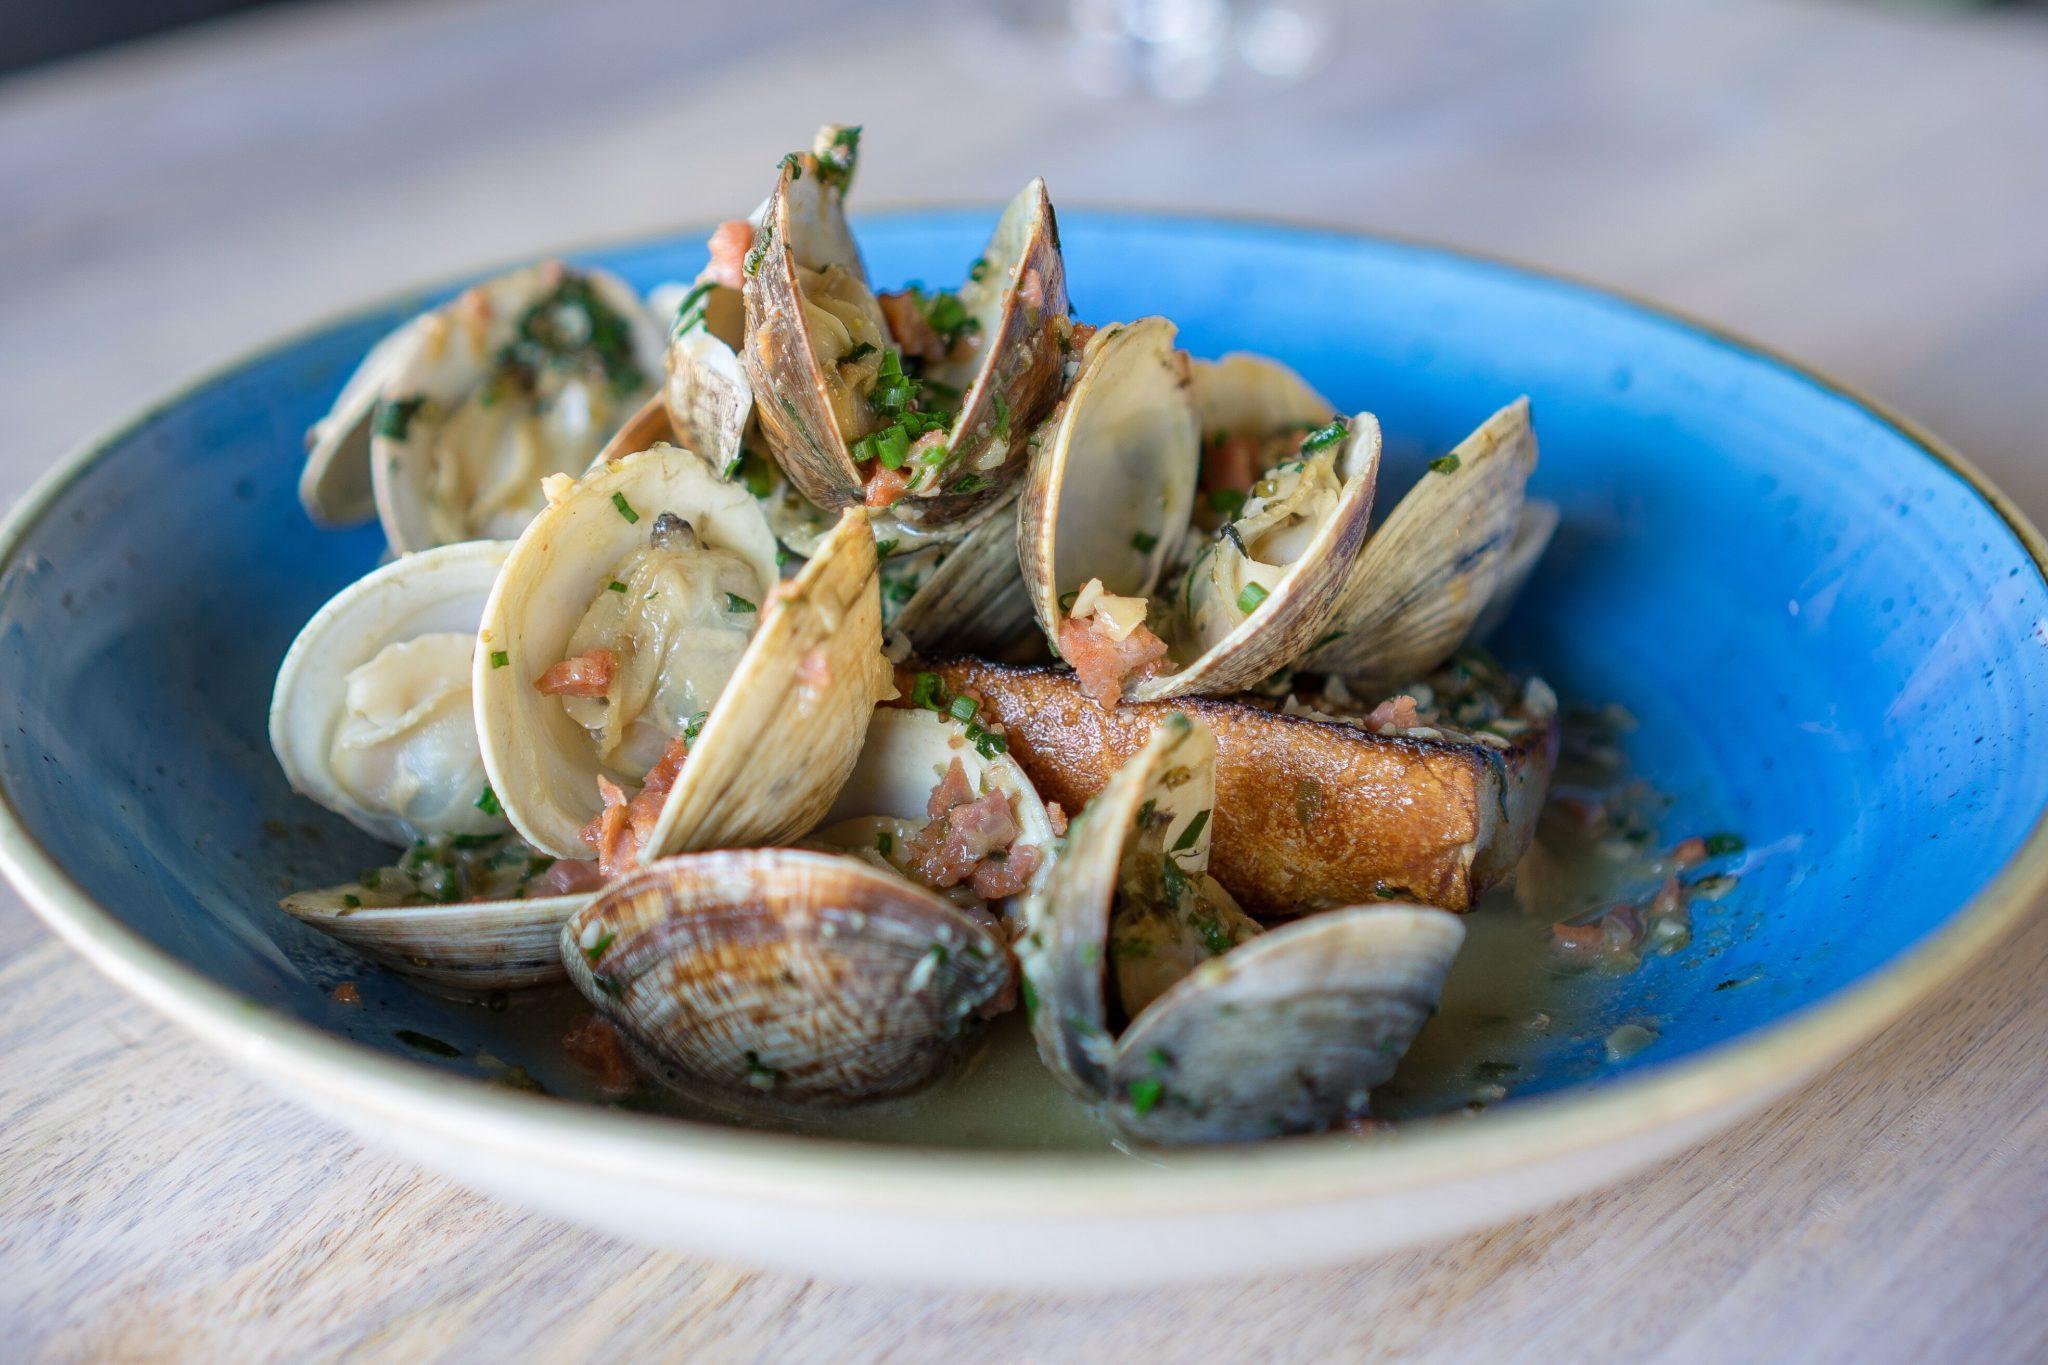 Beach House clams